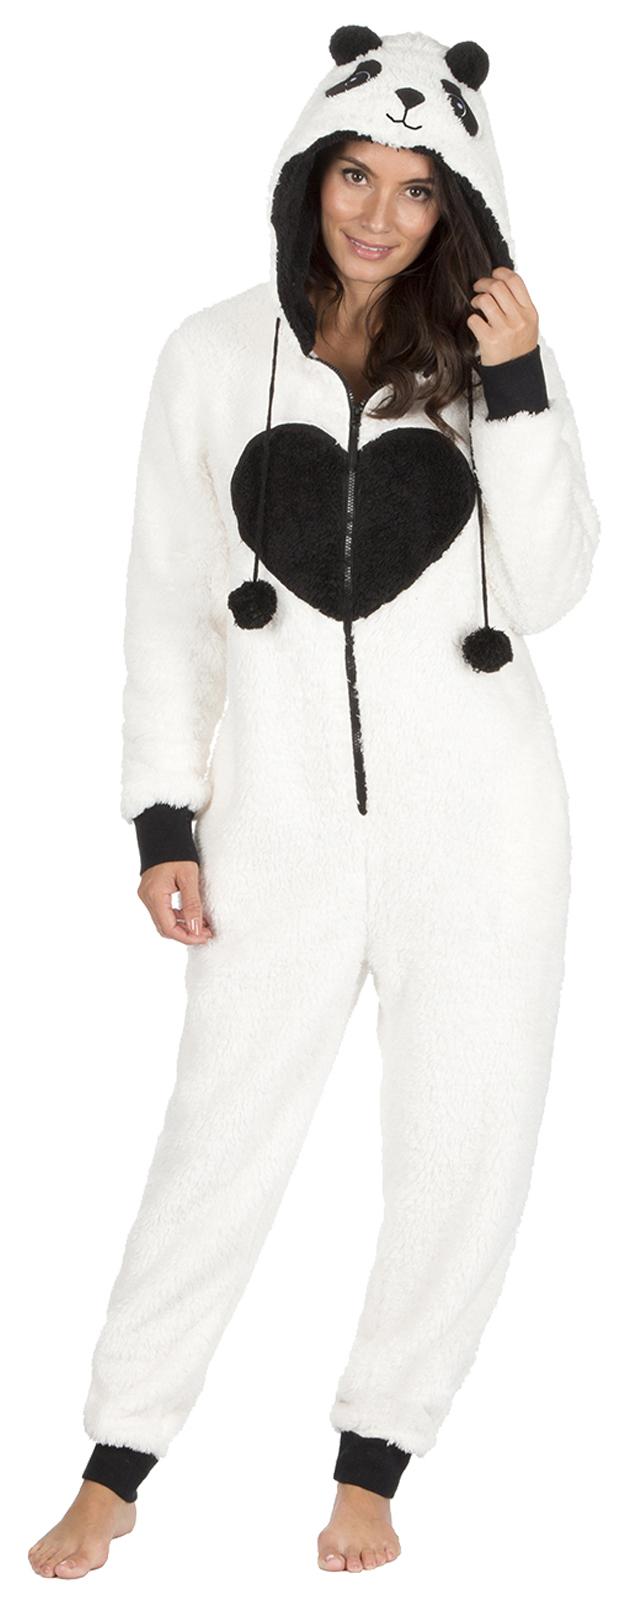 Womens Novelty Hooded 3D Onezee Fleece Pyjamas Dress Up All In One Pjs Unicorn